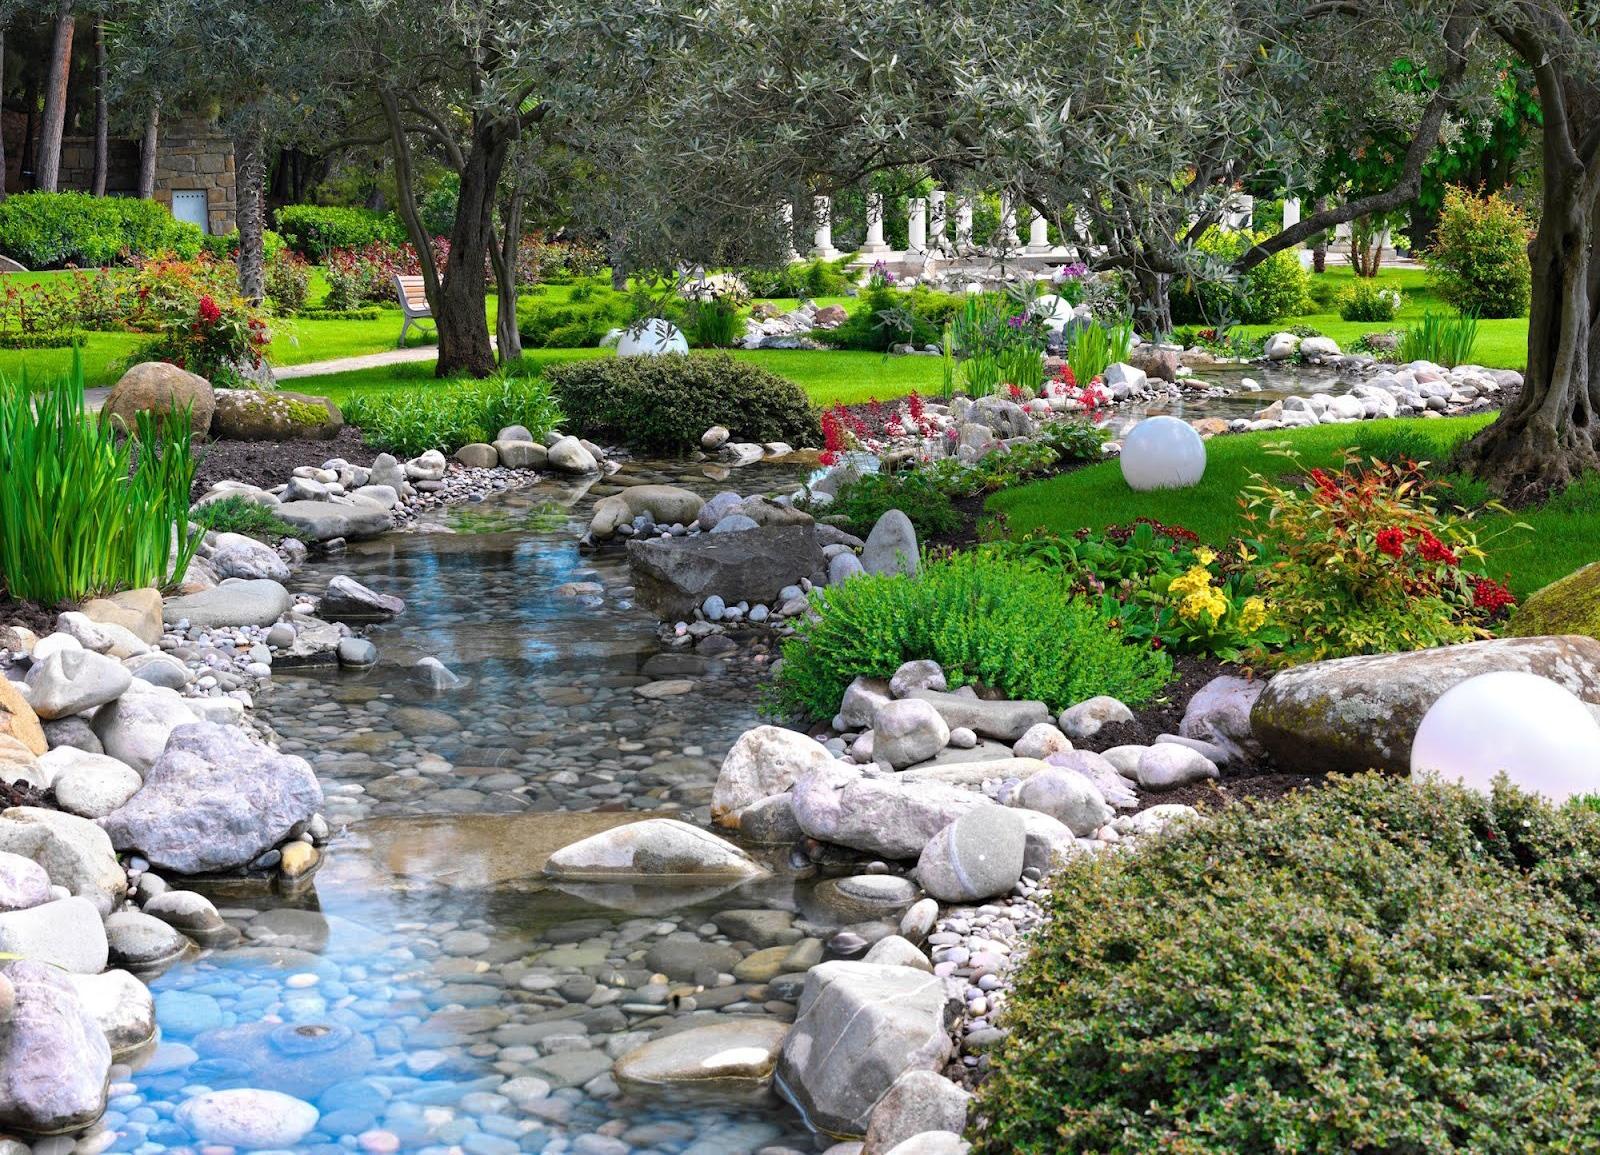 японский сад сад в японском стиле ручей в саду